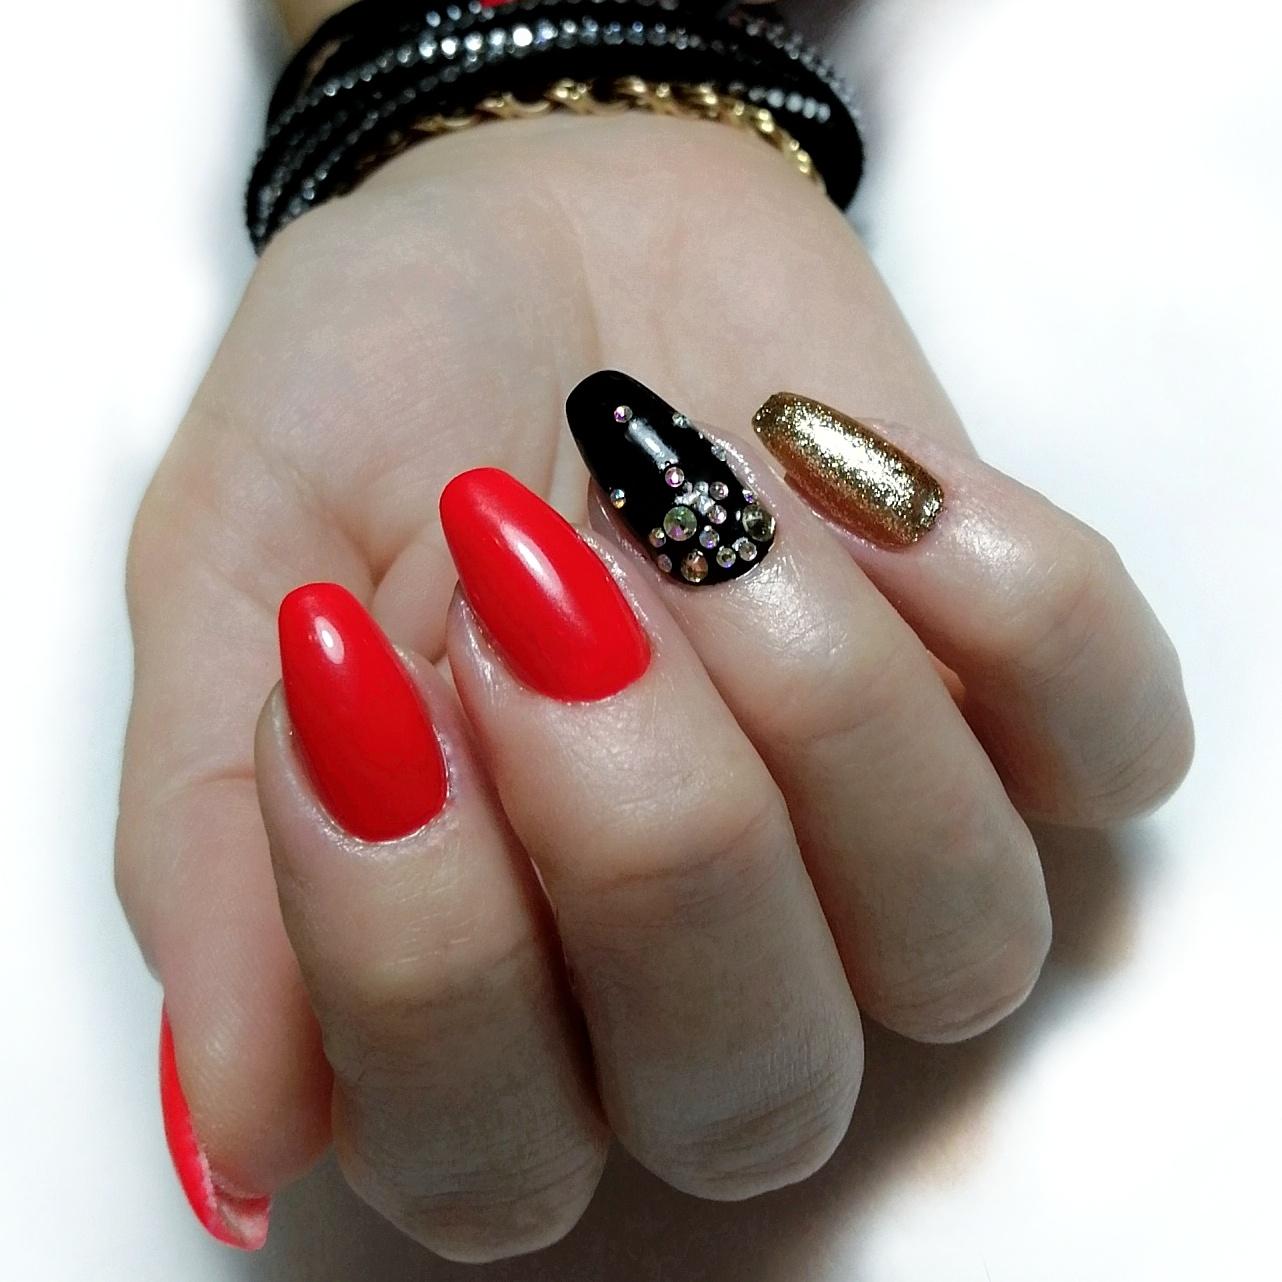 Маникюр в красном цвете с чёрным дизайном, золотыми блёстками и стразами.